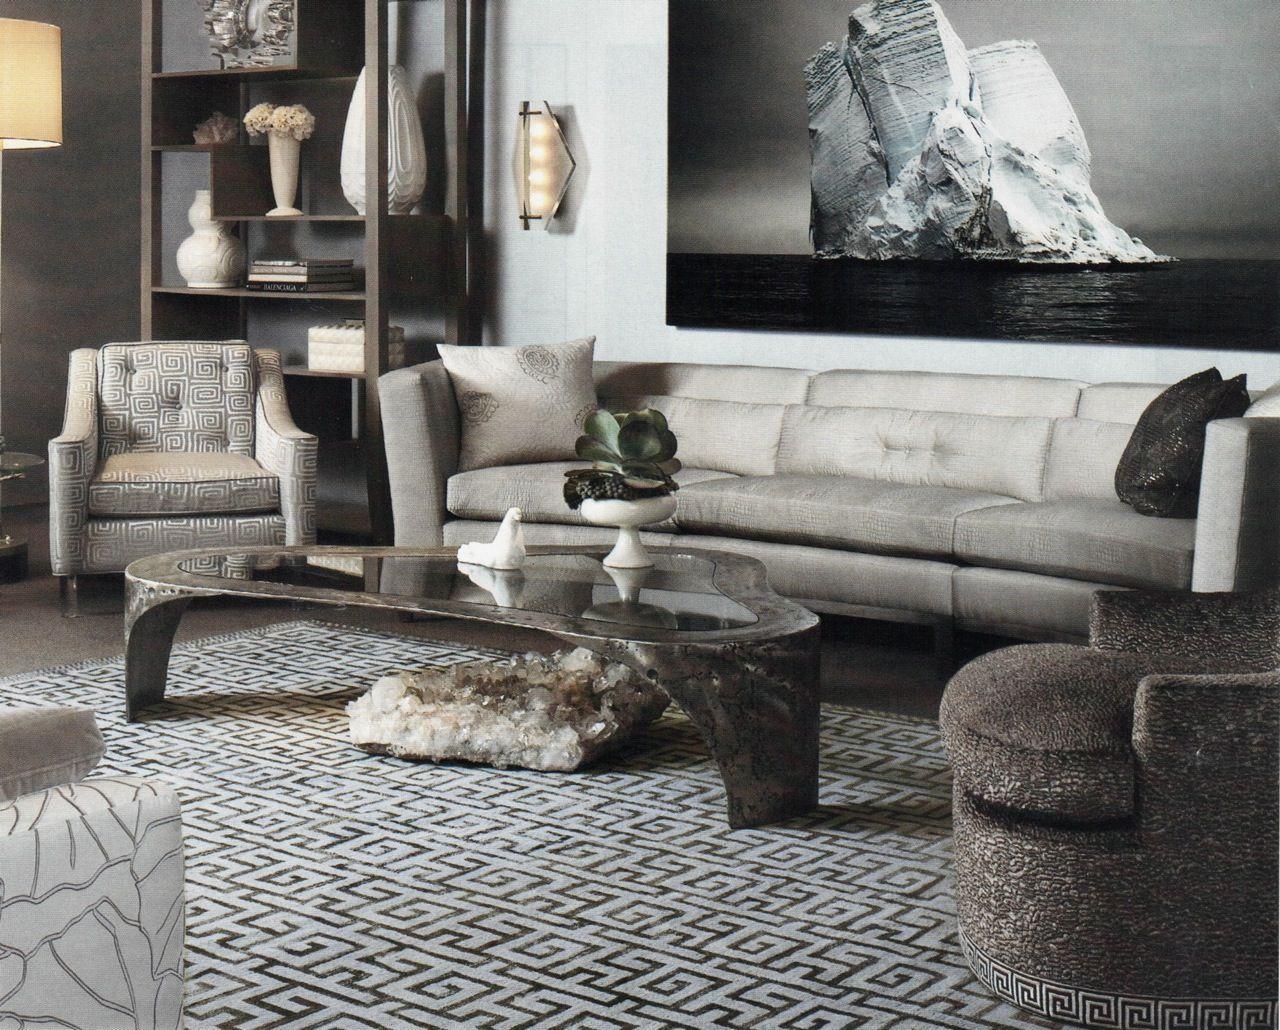 Simple elegant living room interior design ideas pinterest - Simple elegant living room design ...